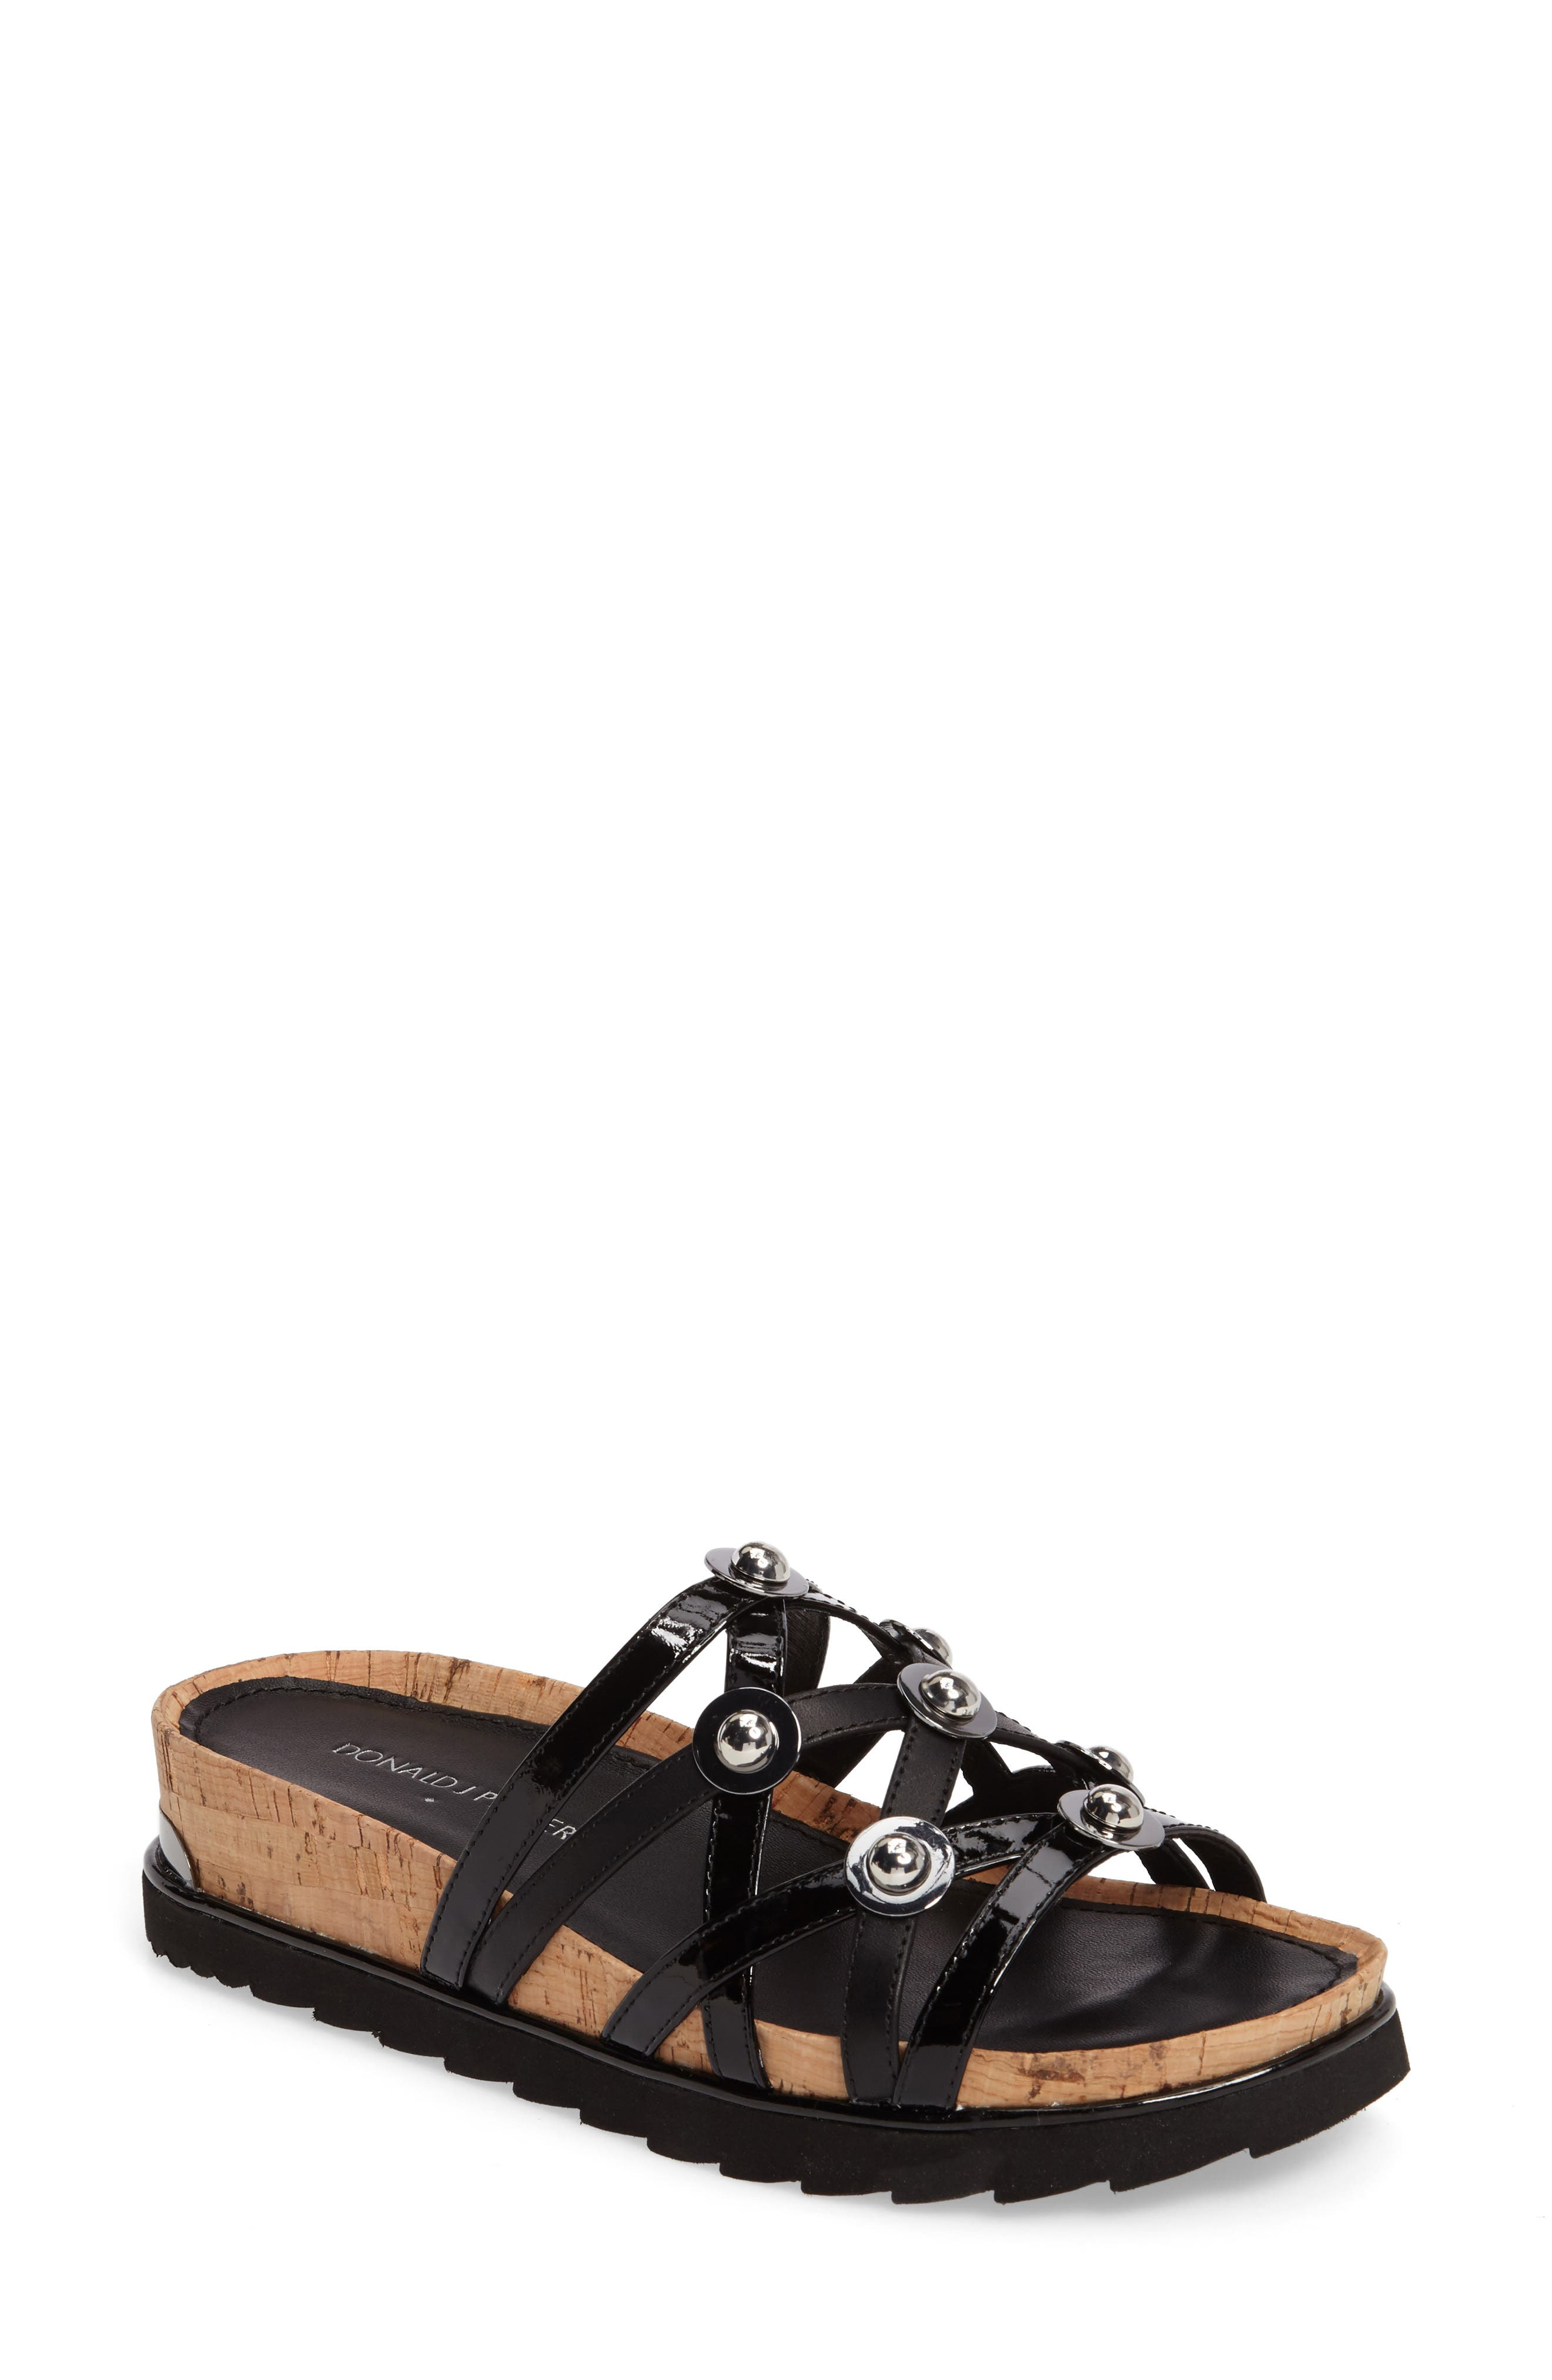 Donald J Pliner Chrisa Wedge Slide Sandal,                         Main,                         color, 001